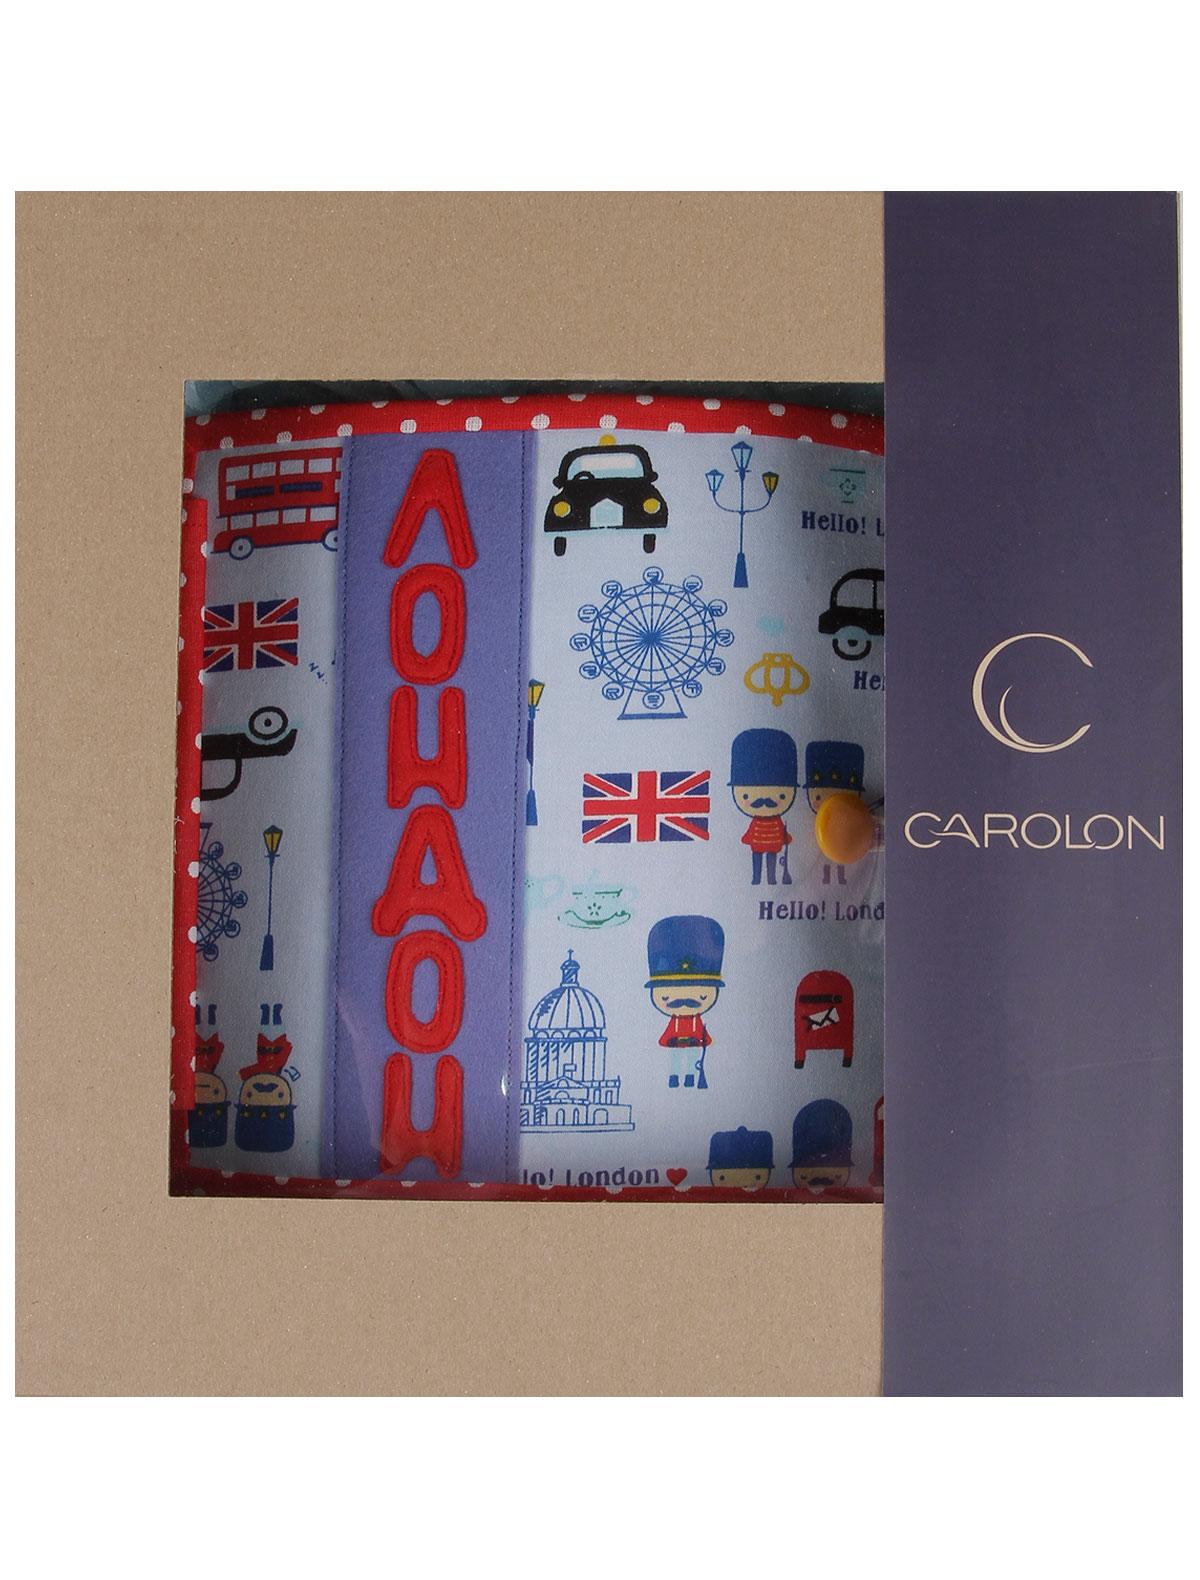 Купить 2146976, Игрушка Carolon, разноцветный, 7132520980531